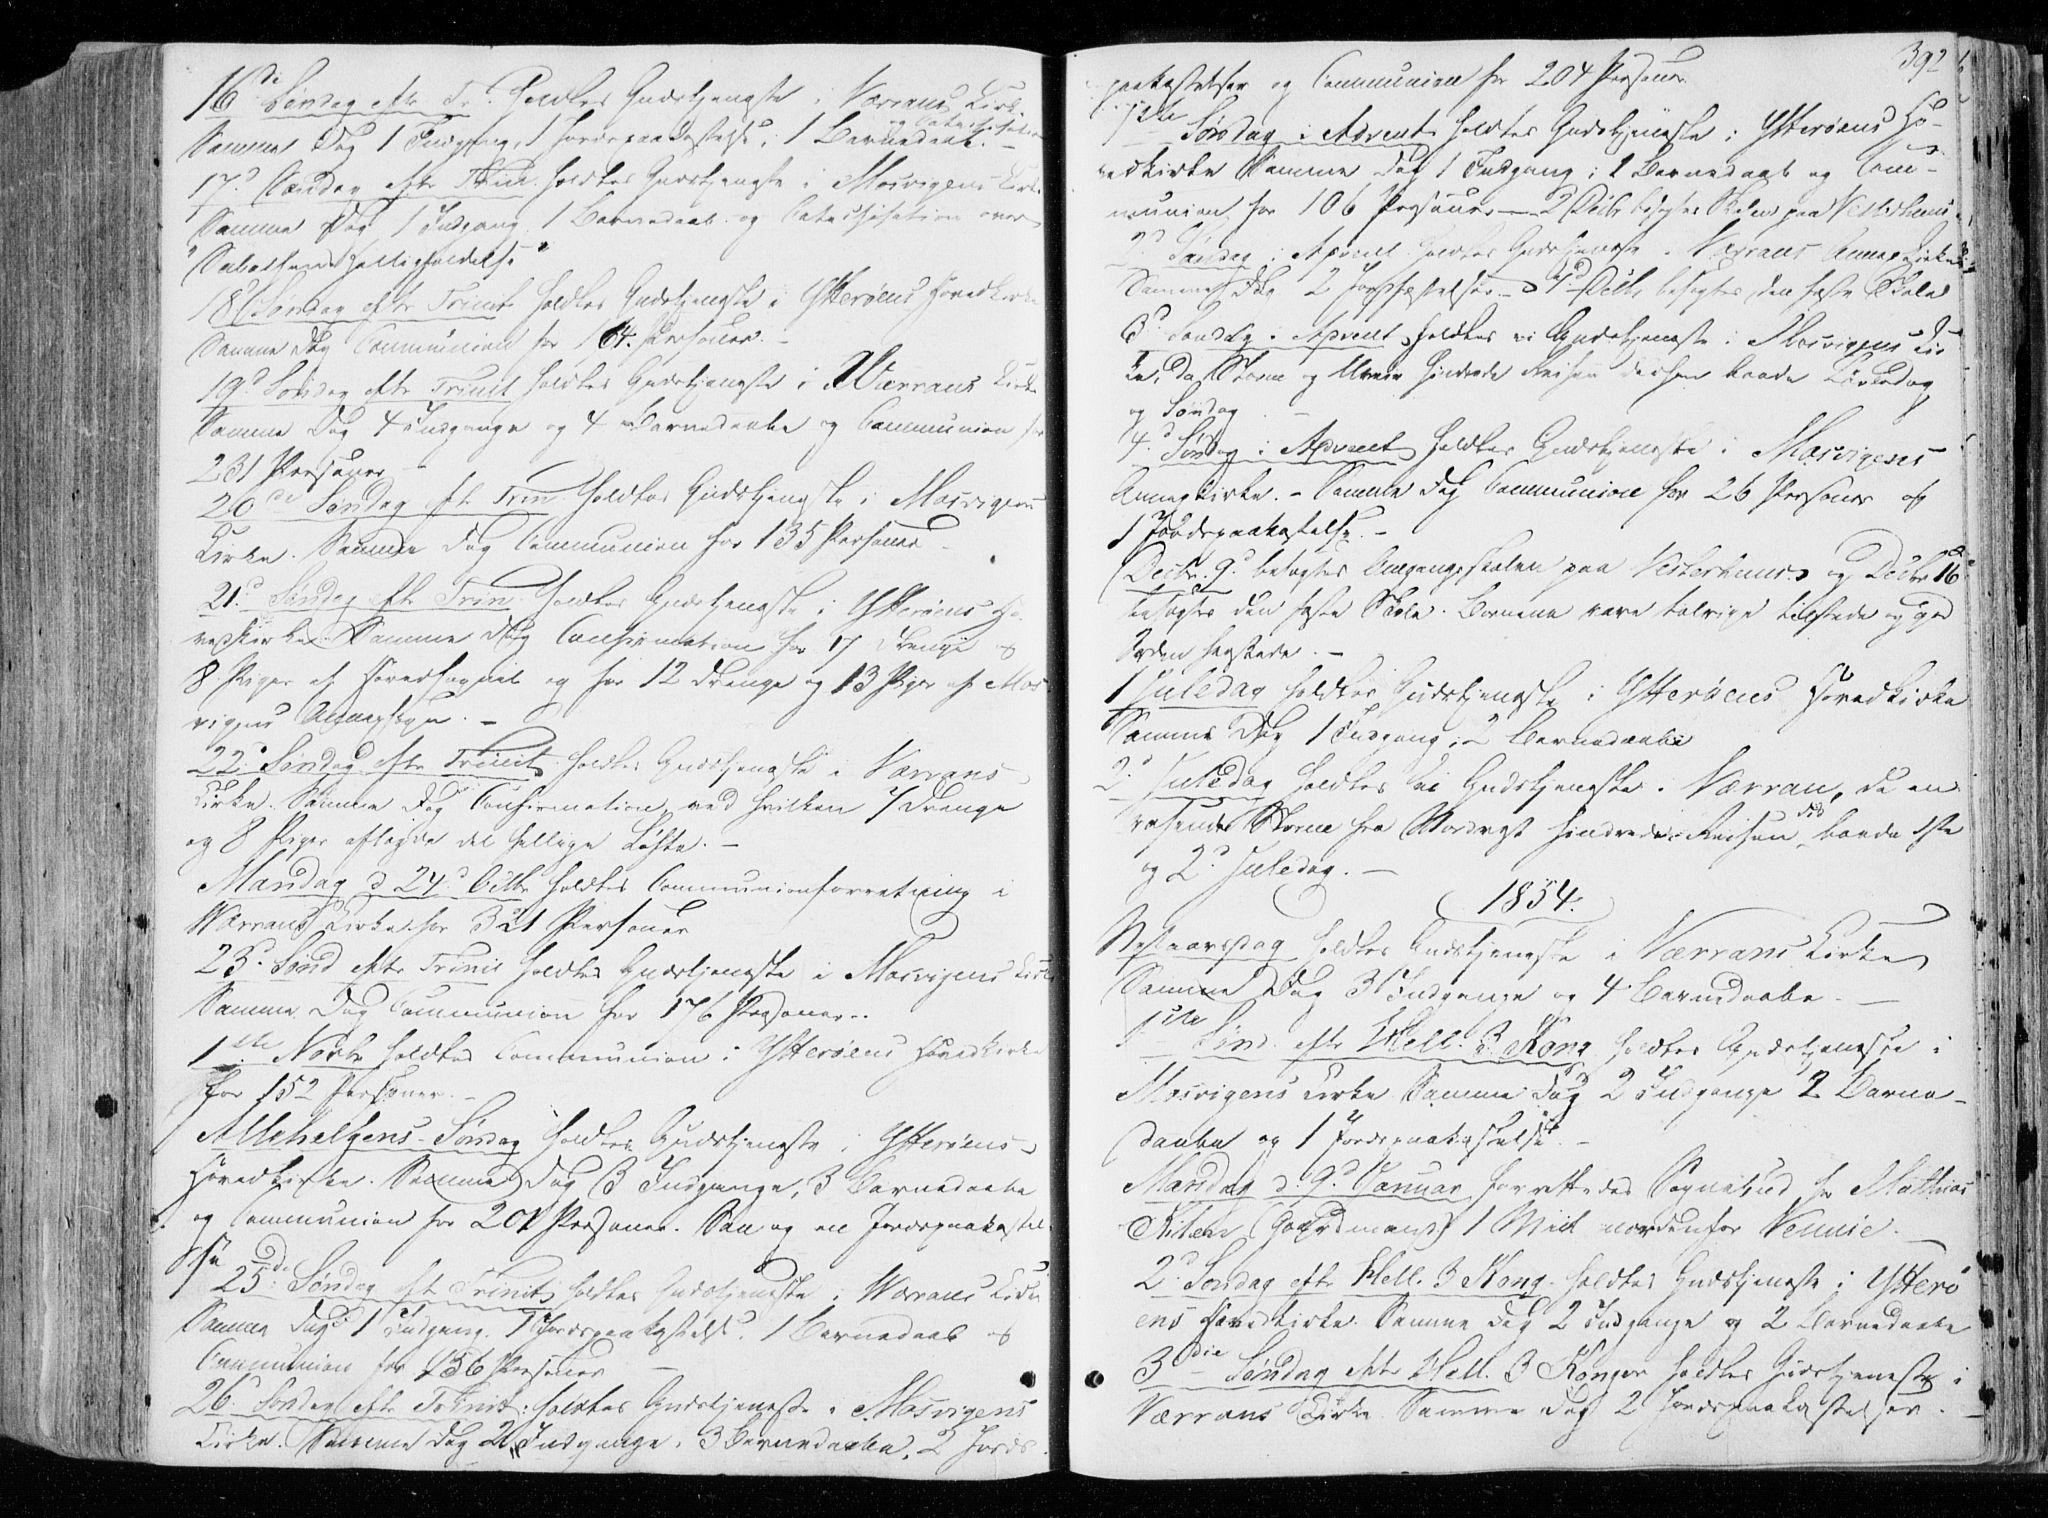 SAT, Ministerialprotokoller, klokkerbøker og fødselsregistre - Nord-Trøndelag, 722/L0218: Ministerialbok nr. 722A05, 1843-1868, s. 392